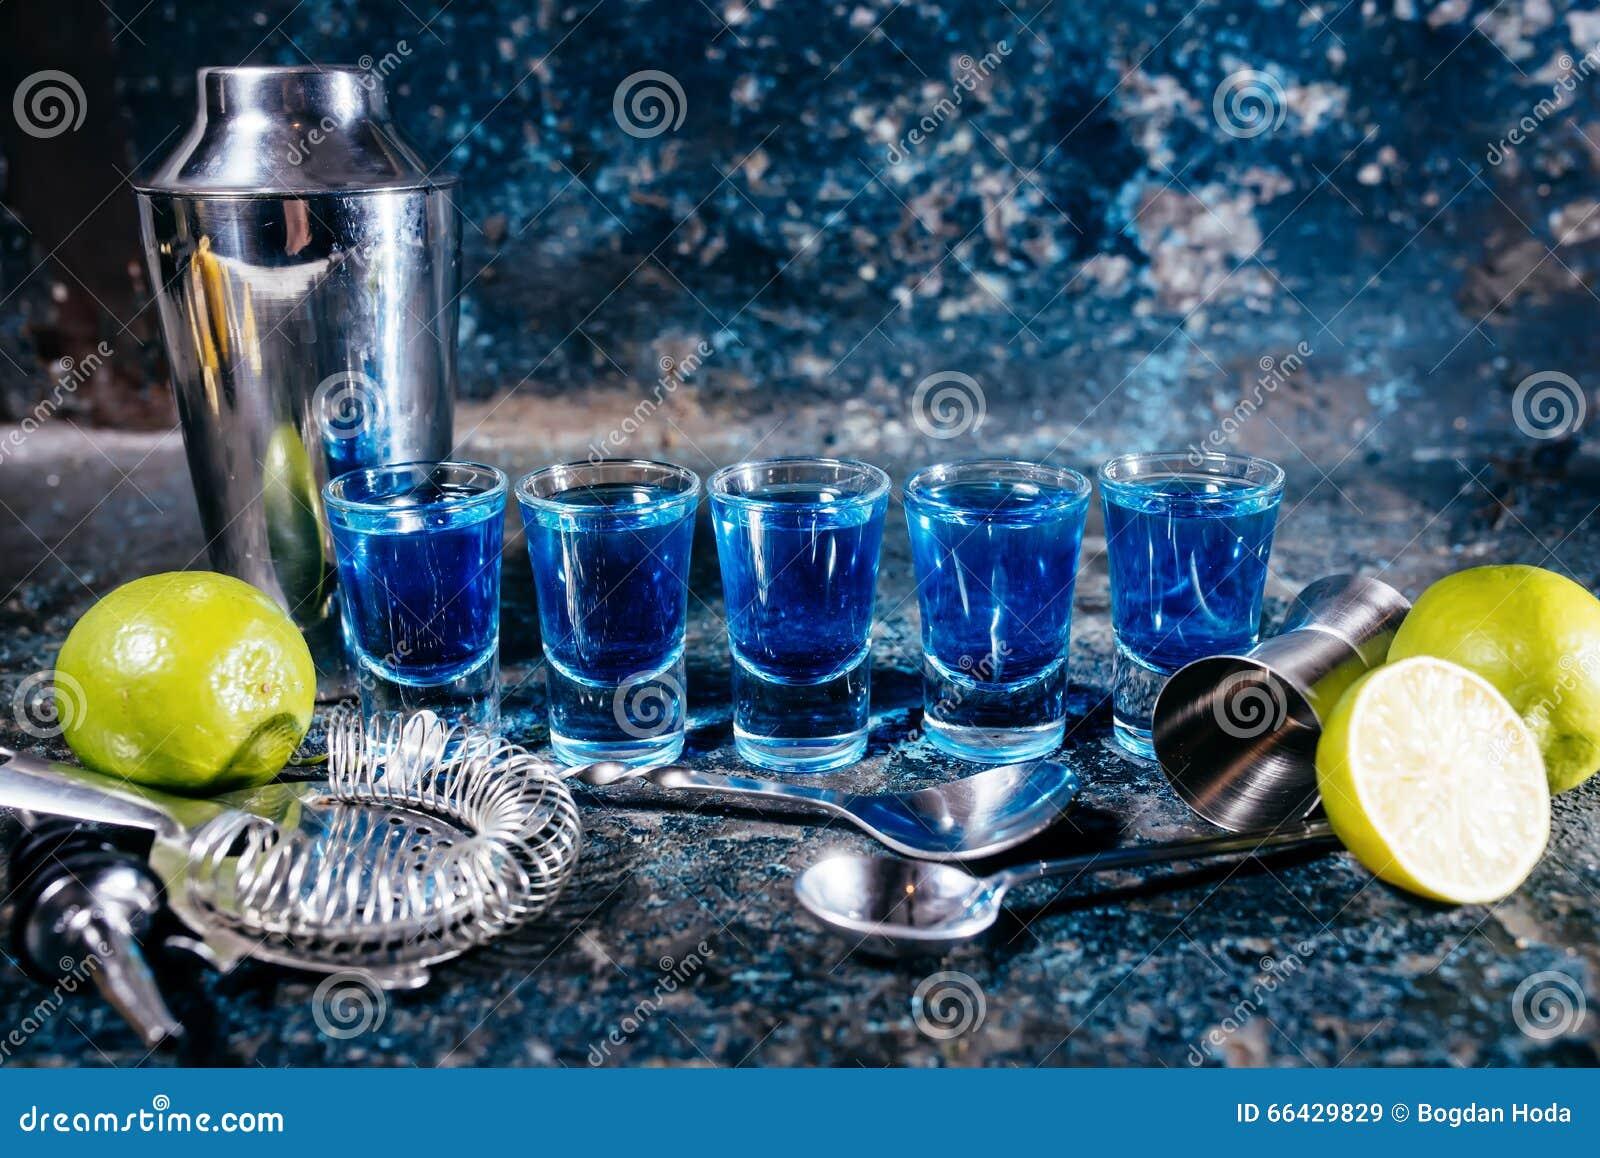 Blaues Curaçao, Alkoholische Alkoholische Getränke Cocktails Und ...